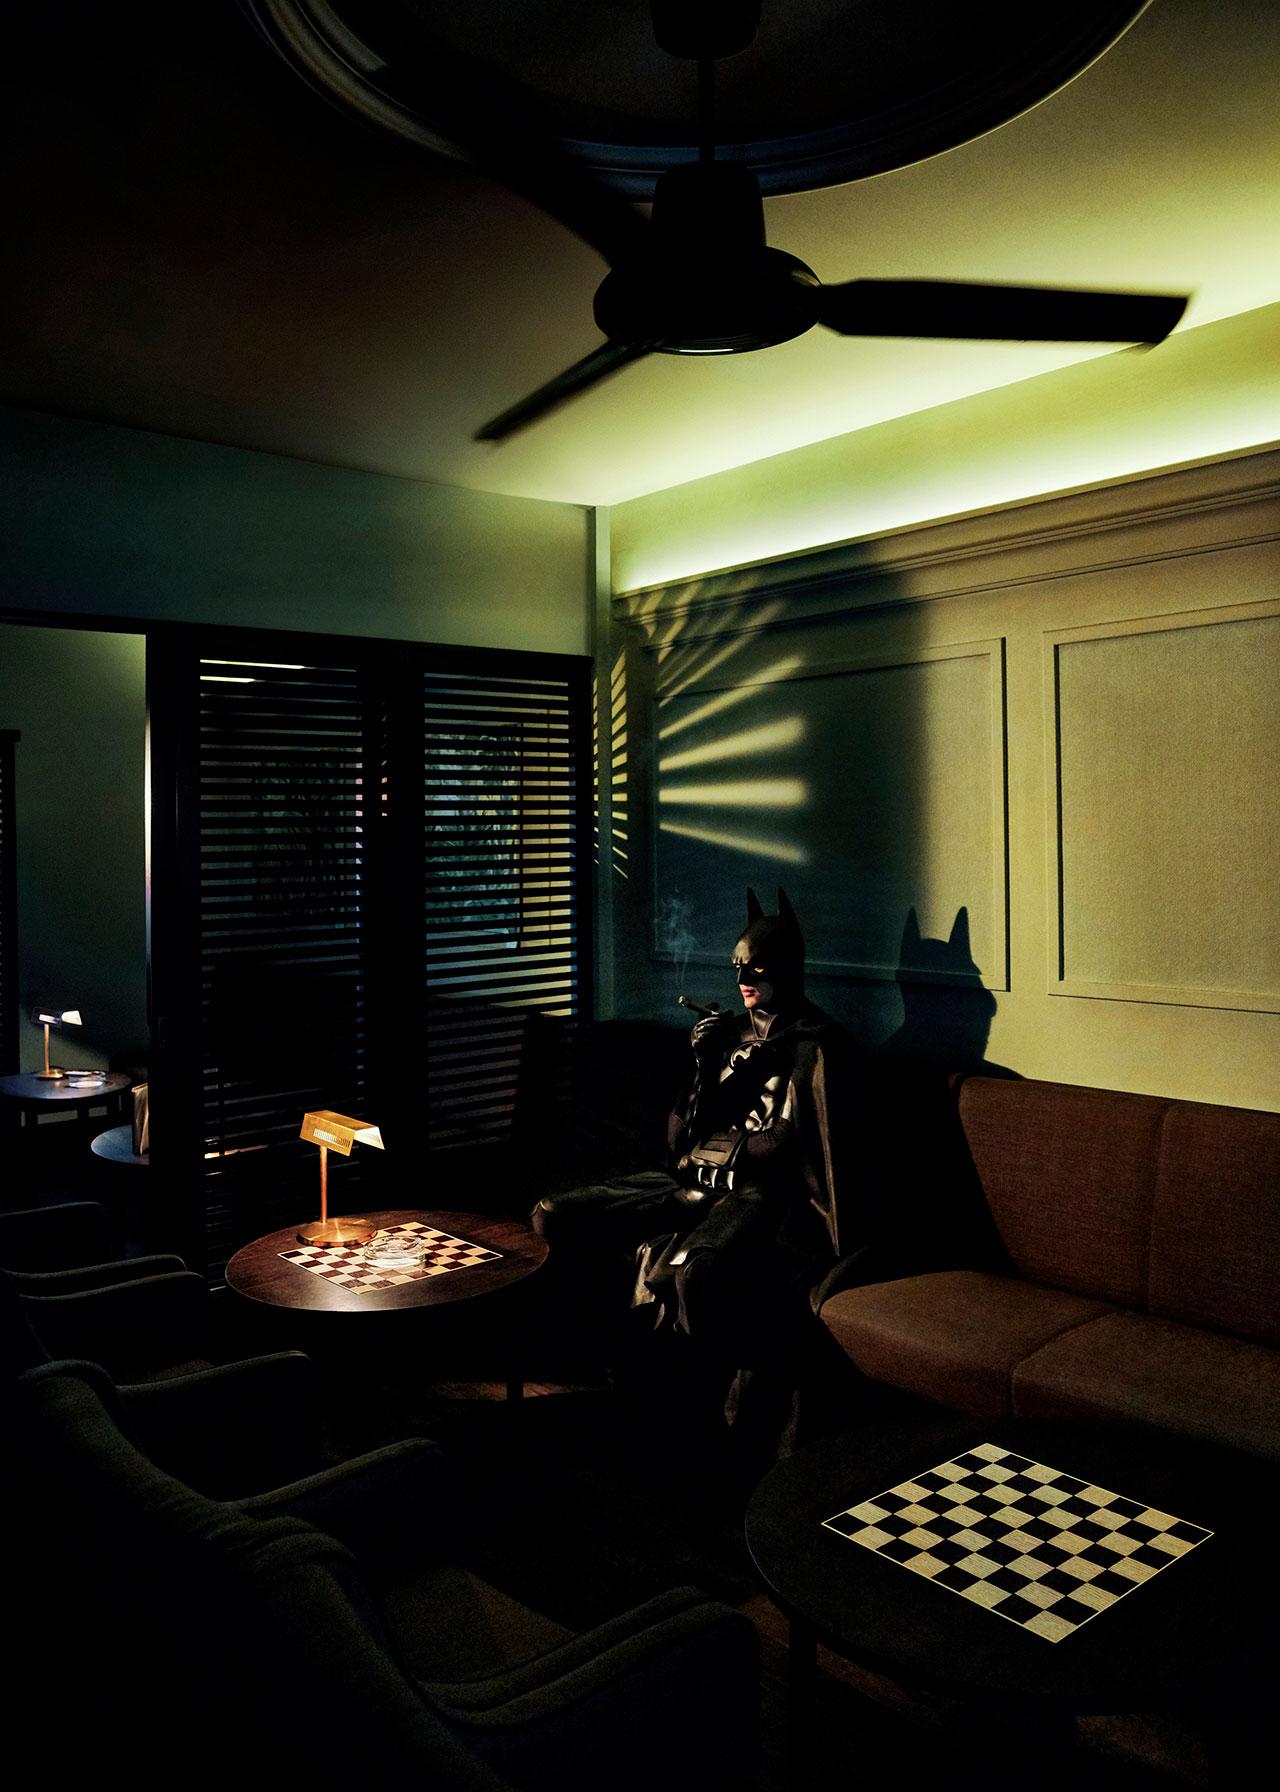 Daily Bat - Cigar and Chess. Photography by Sebastian Magnani.